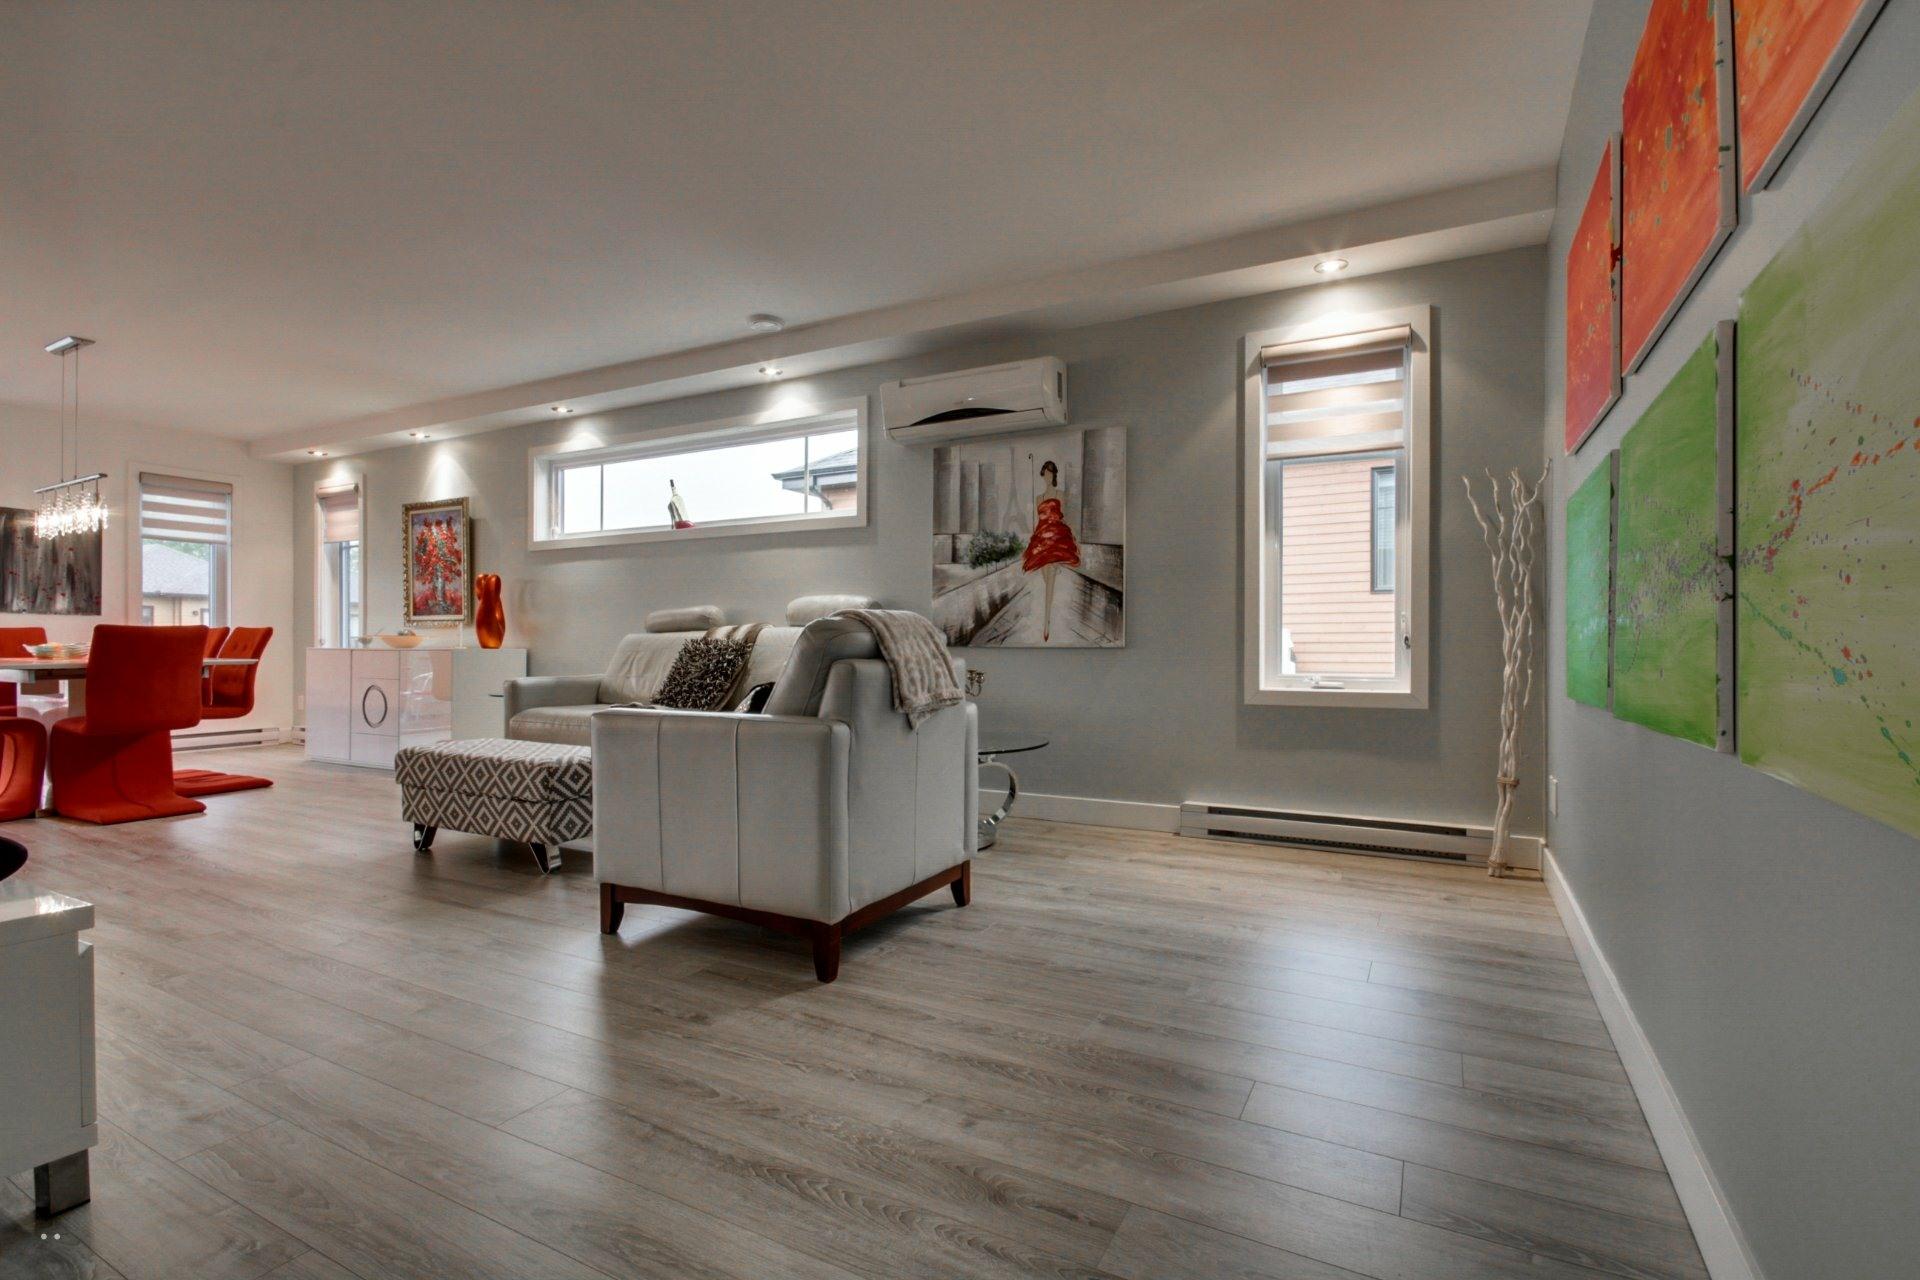 image 44 - Appartement À vendre Trois-Rivières - 7 pièces